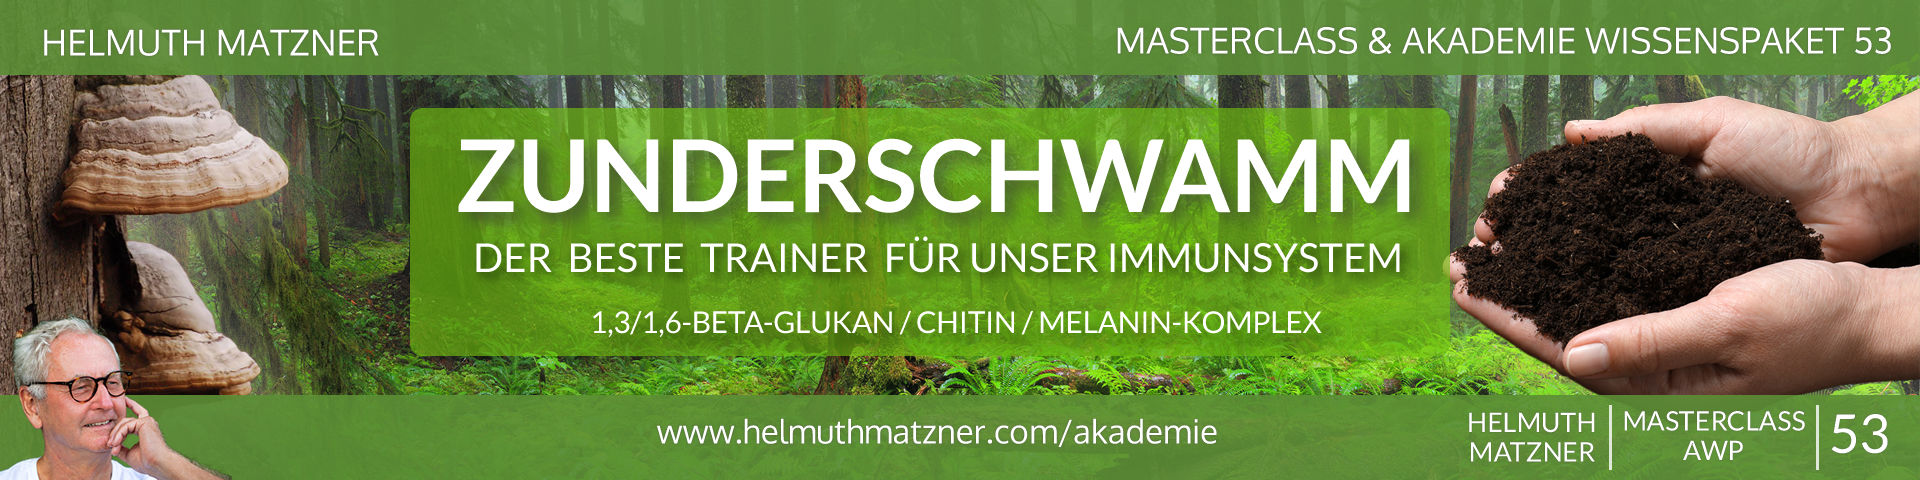 Helmuth Matzner - Masterclass & Akademie Wissenspaket 53 - Zunderschwamm - LP-Banner v09